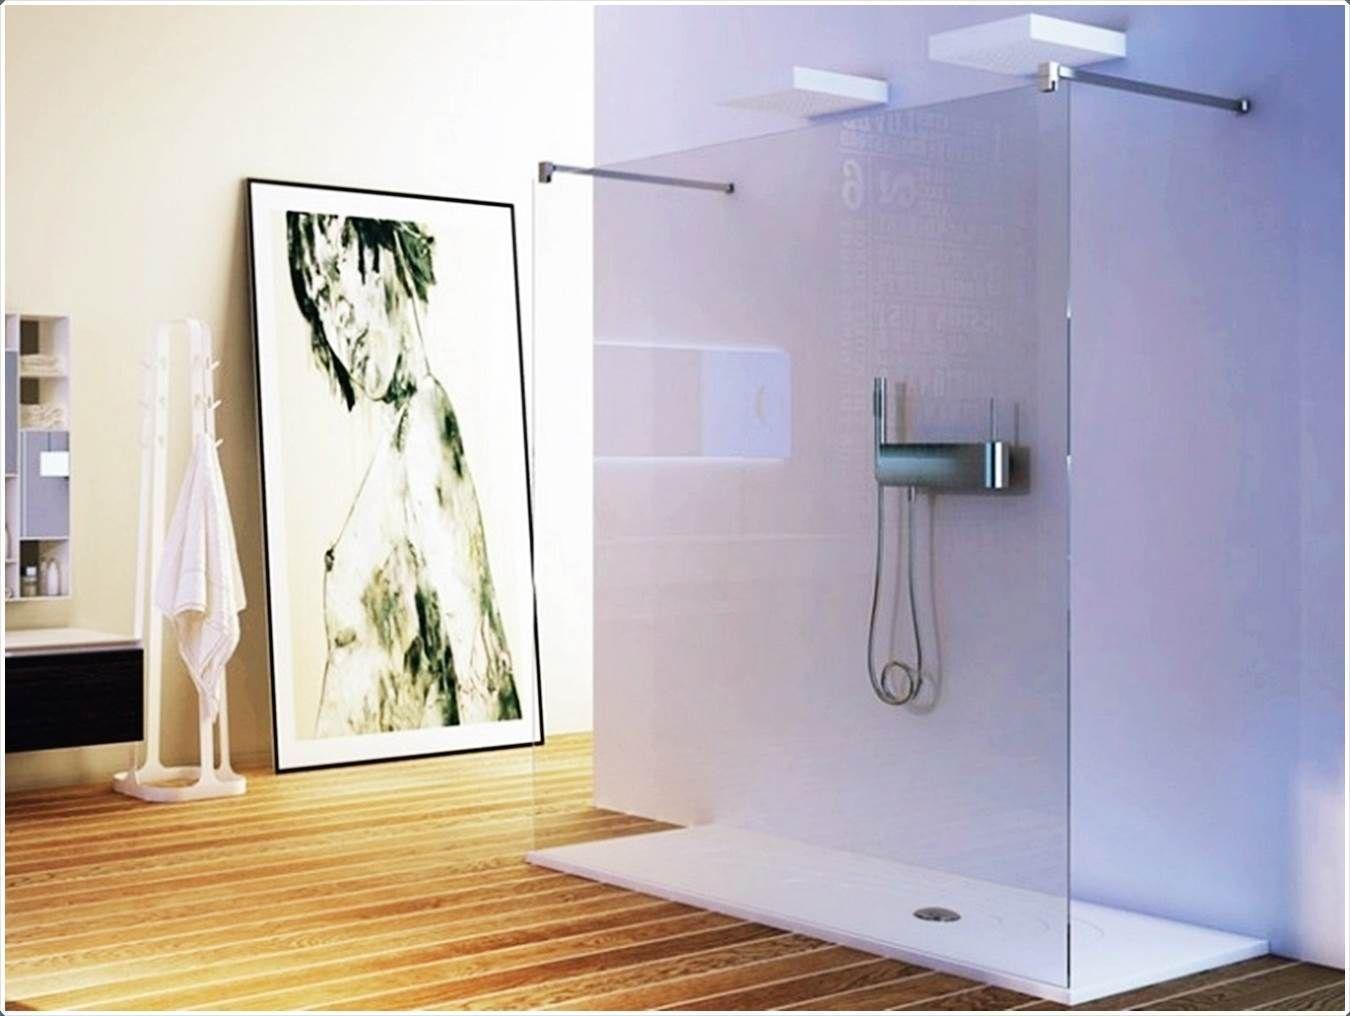 dusche glaswand Begehbare Dusche Glaswand Ideen Für